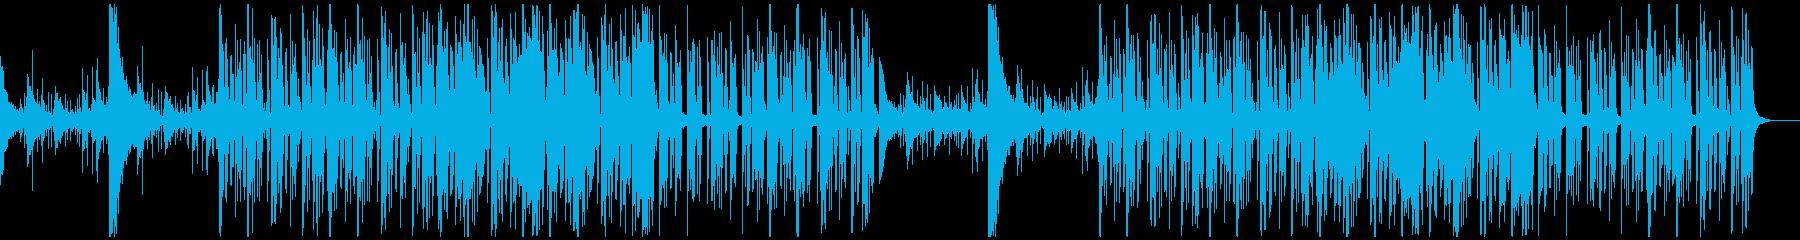 【チル】ゆったりとしたBGM・6の再生済みの波形